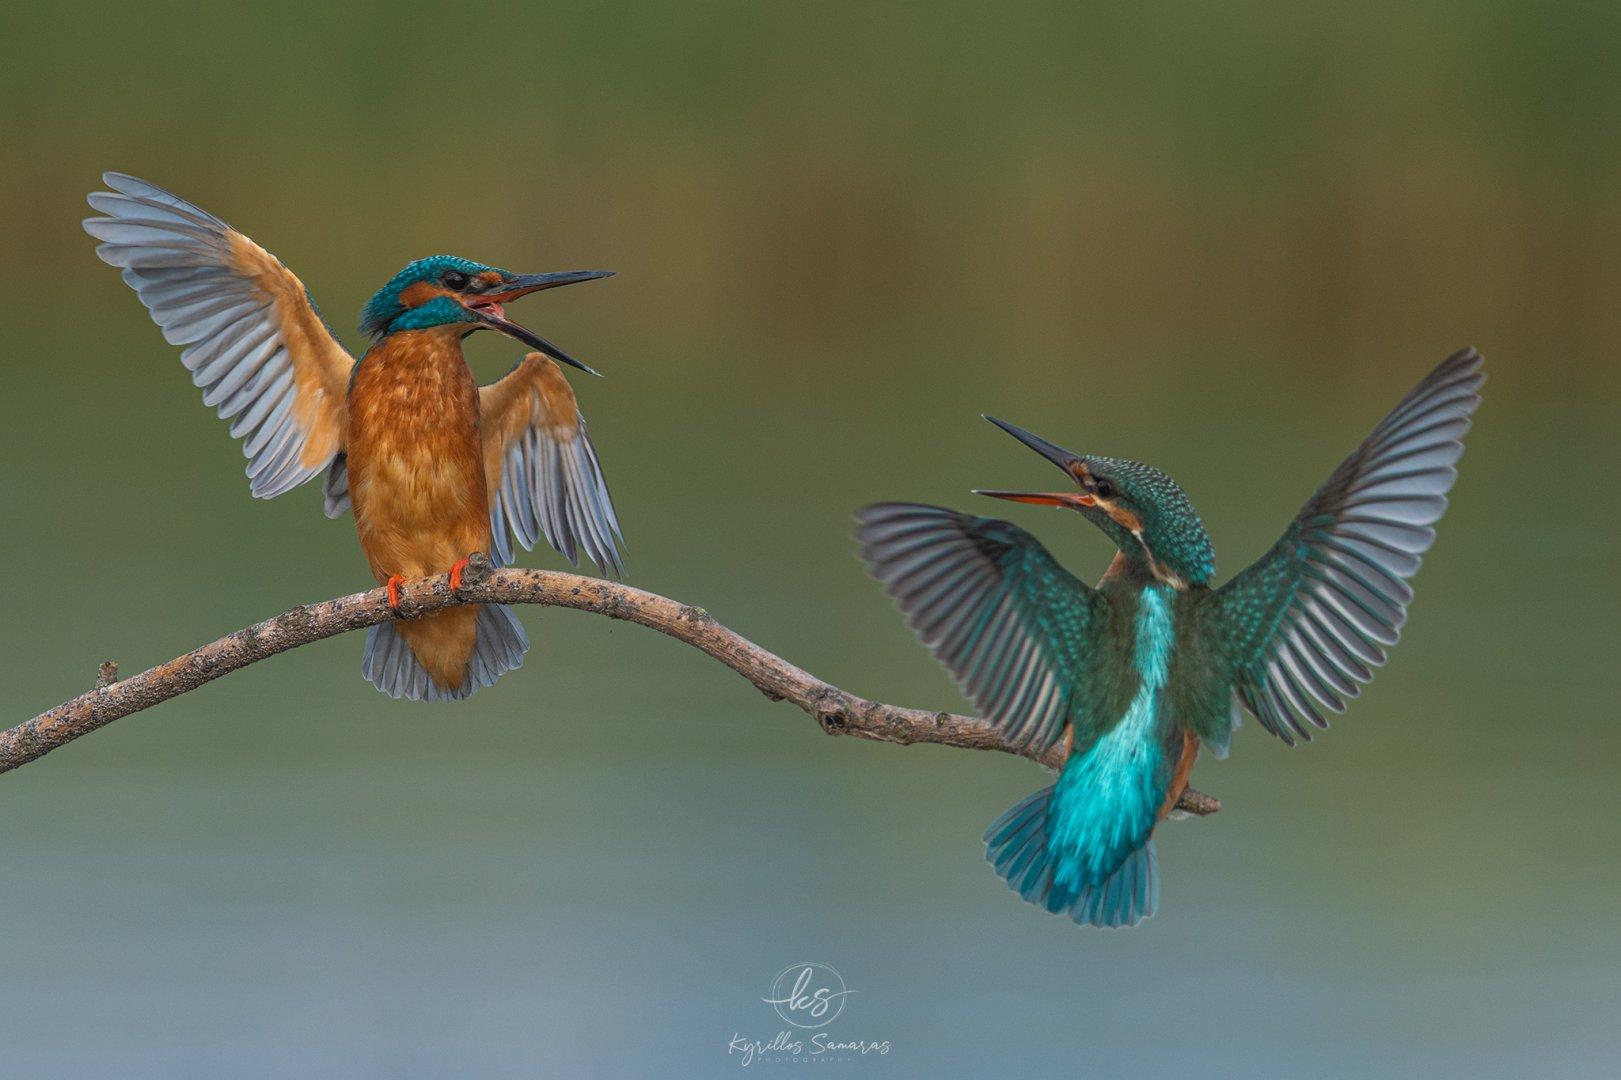 BIRDS_2020_10_14_Alcedoatthis_02.jpg